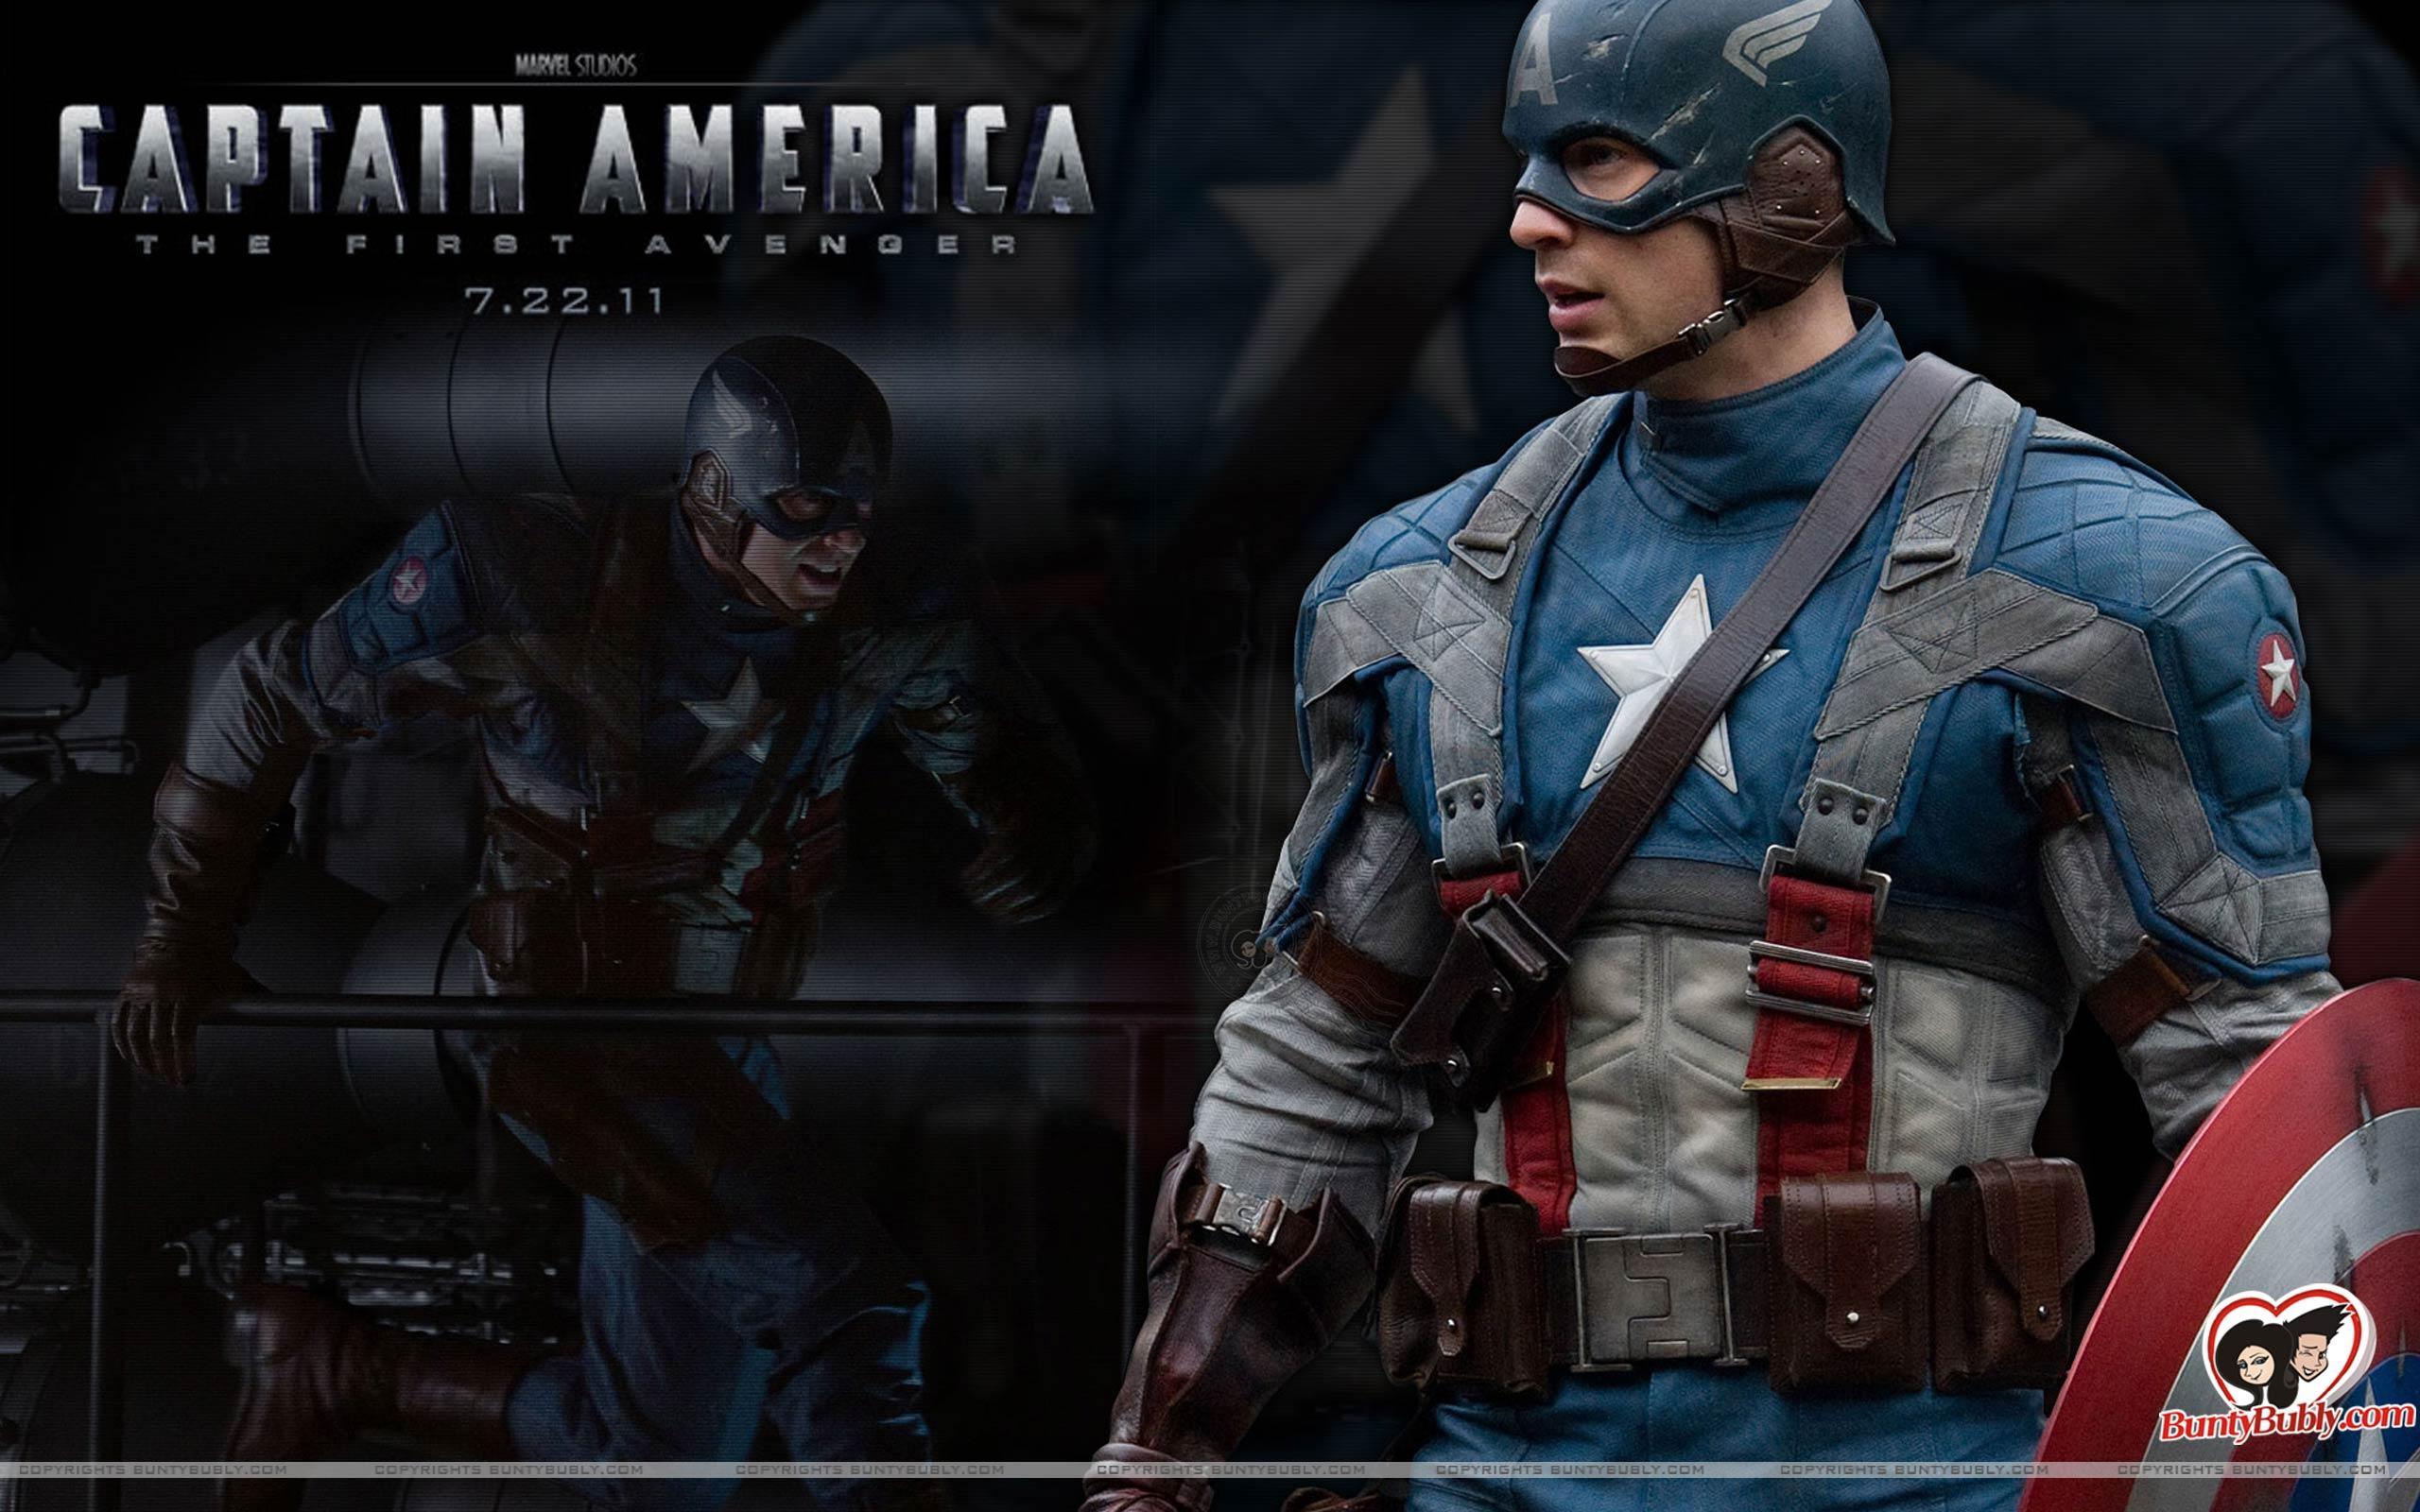 America The First Avenger Captain America The First Avenger Wallpaper 2560x1600